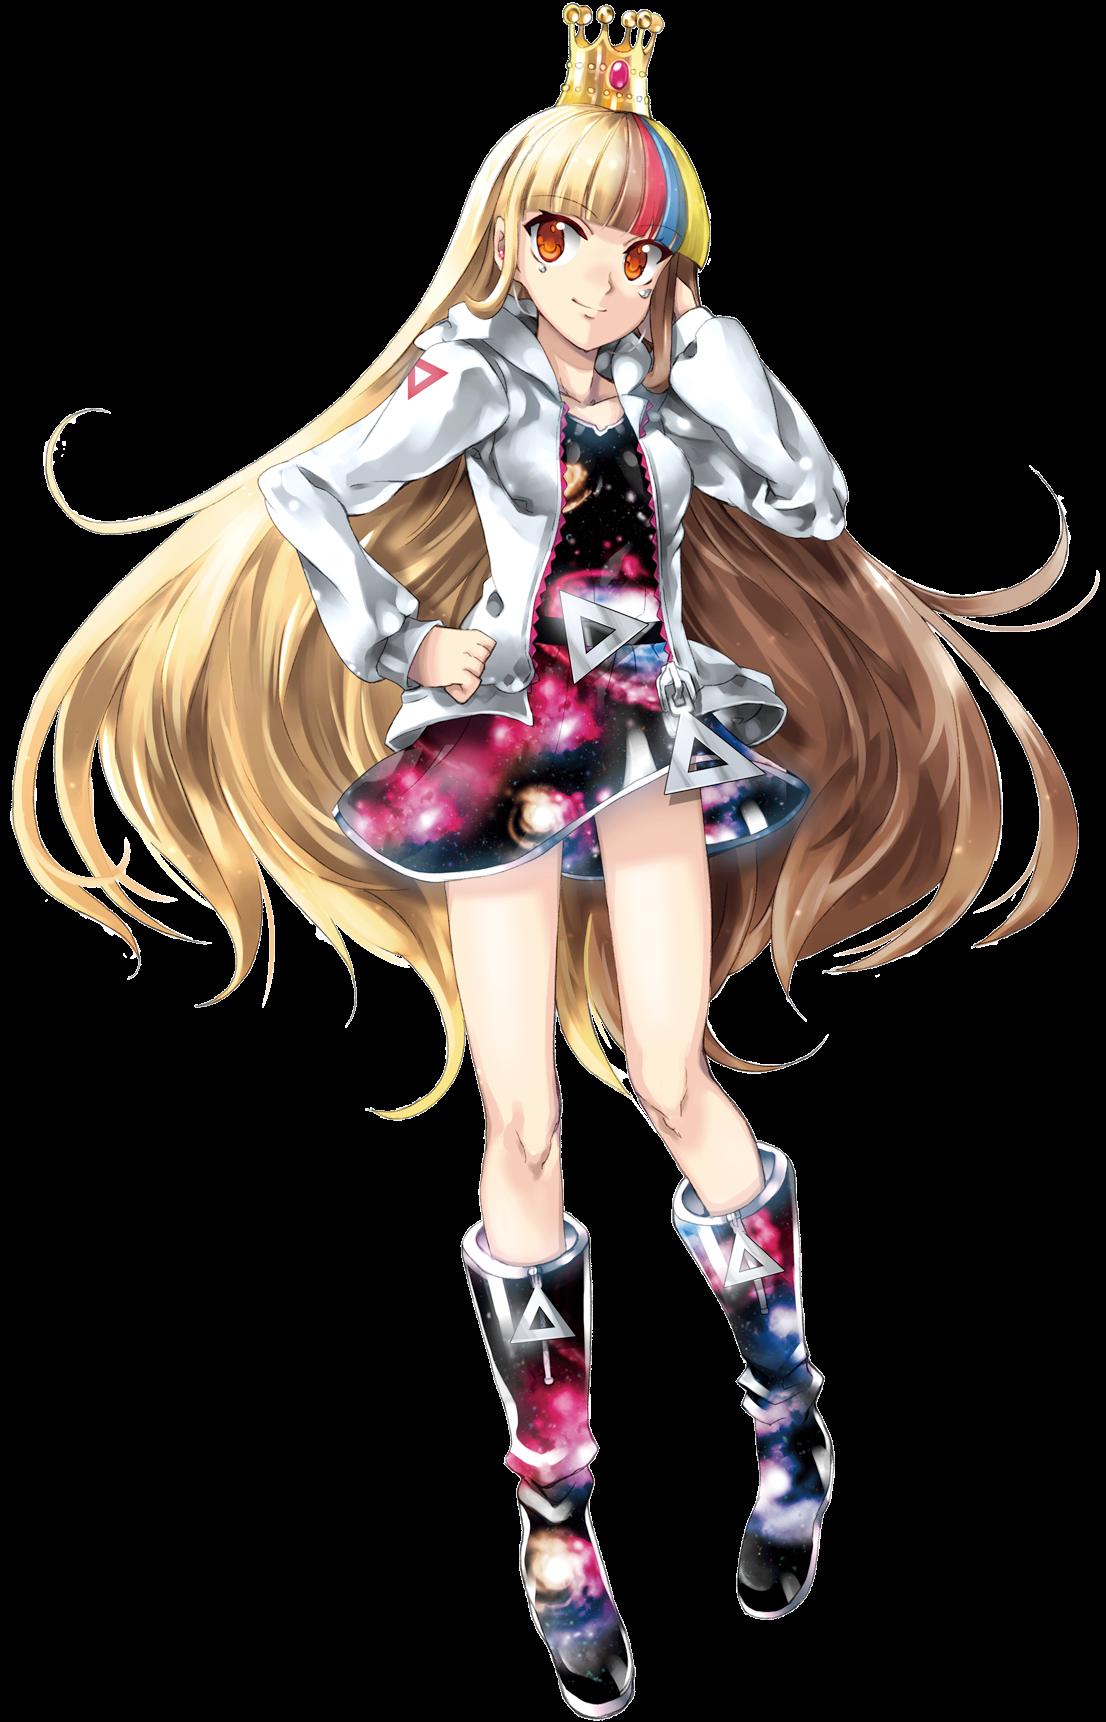 Vocaloid 3 Coming Soon - LeekGeek101